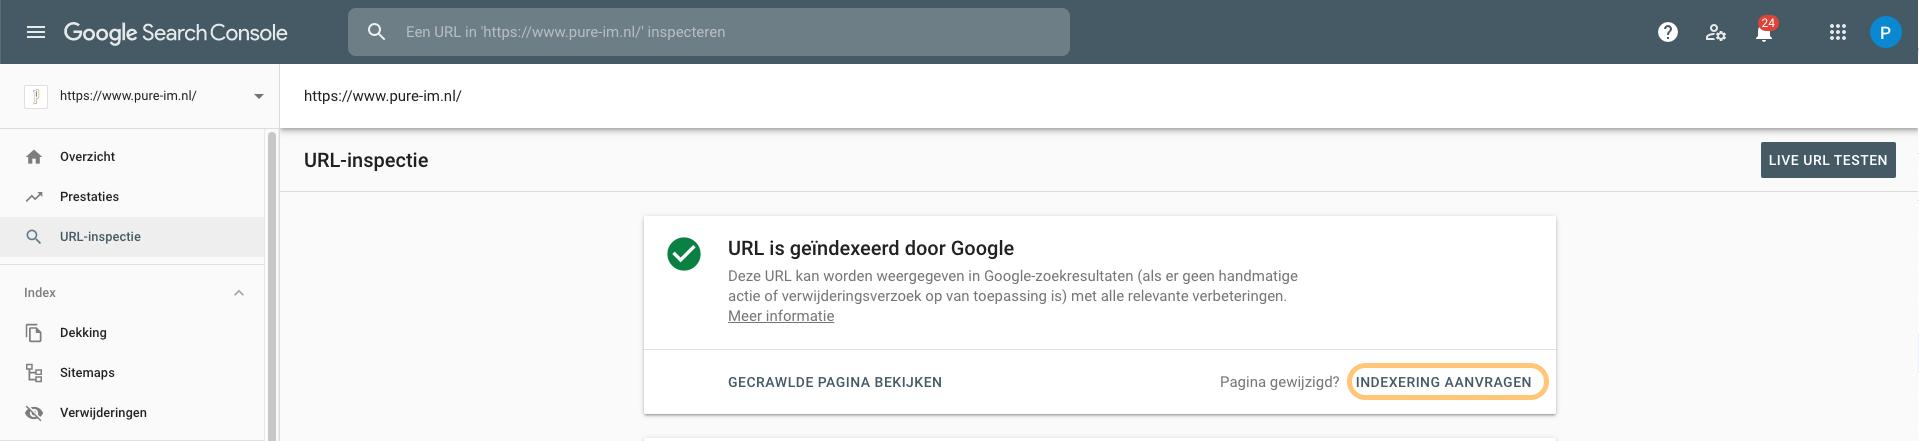 Google Search Console Indexering aanvragen